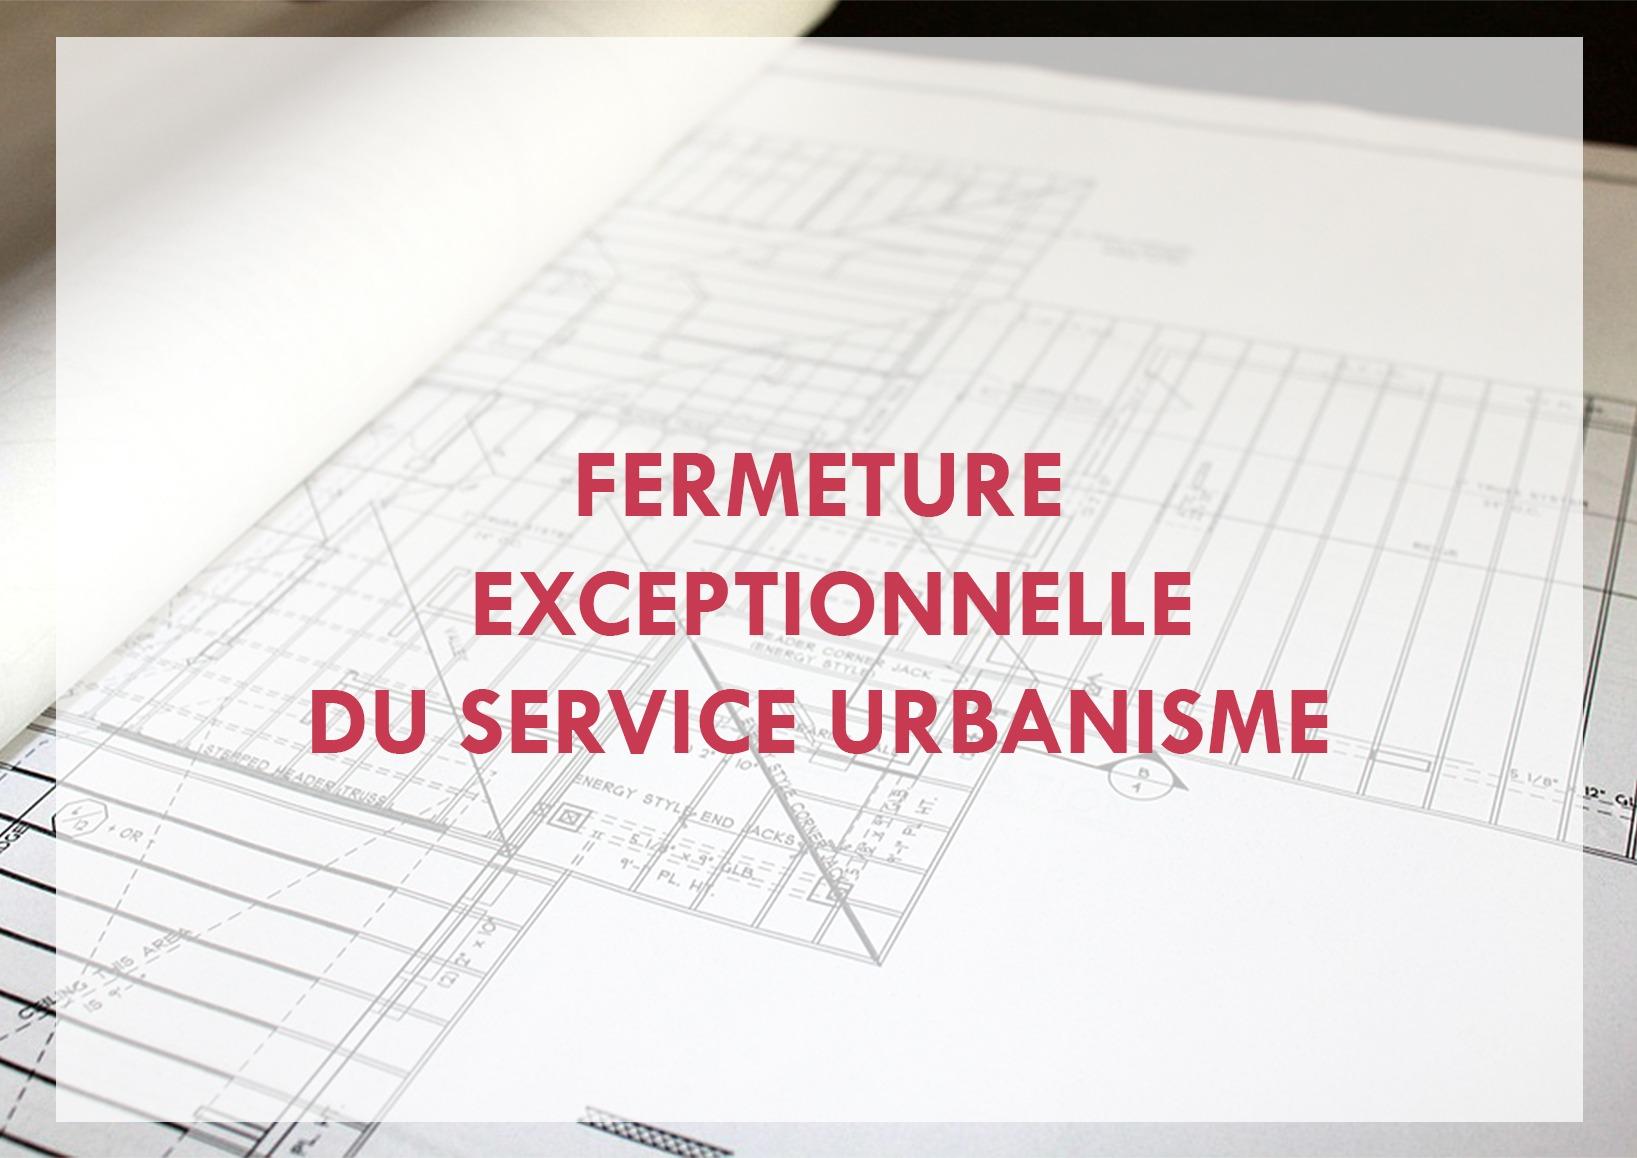 [Urbanisme] Fermeture exceptionnelle du service